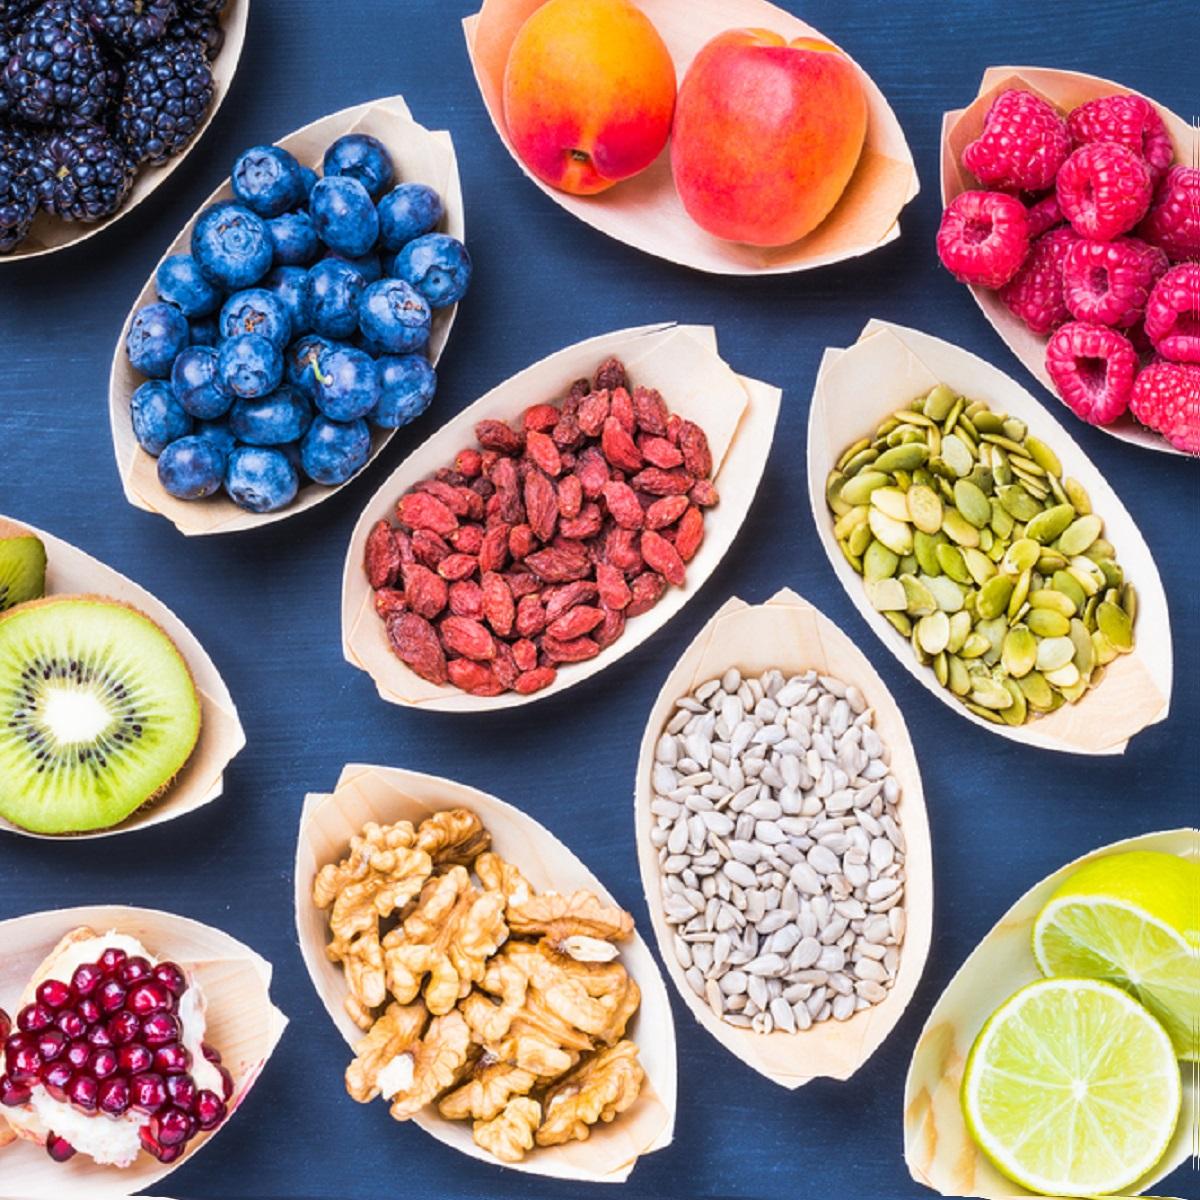 FIBRES – 11 Health Benefits of Eating More High-Fibre Food